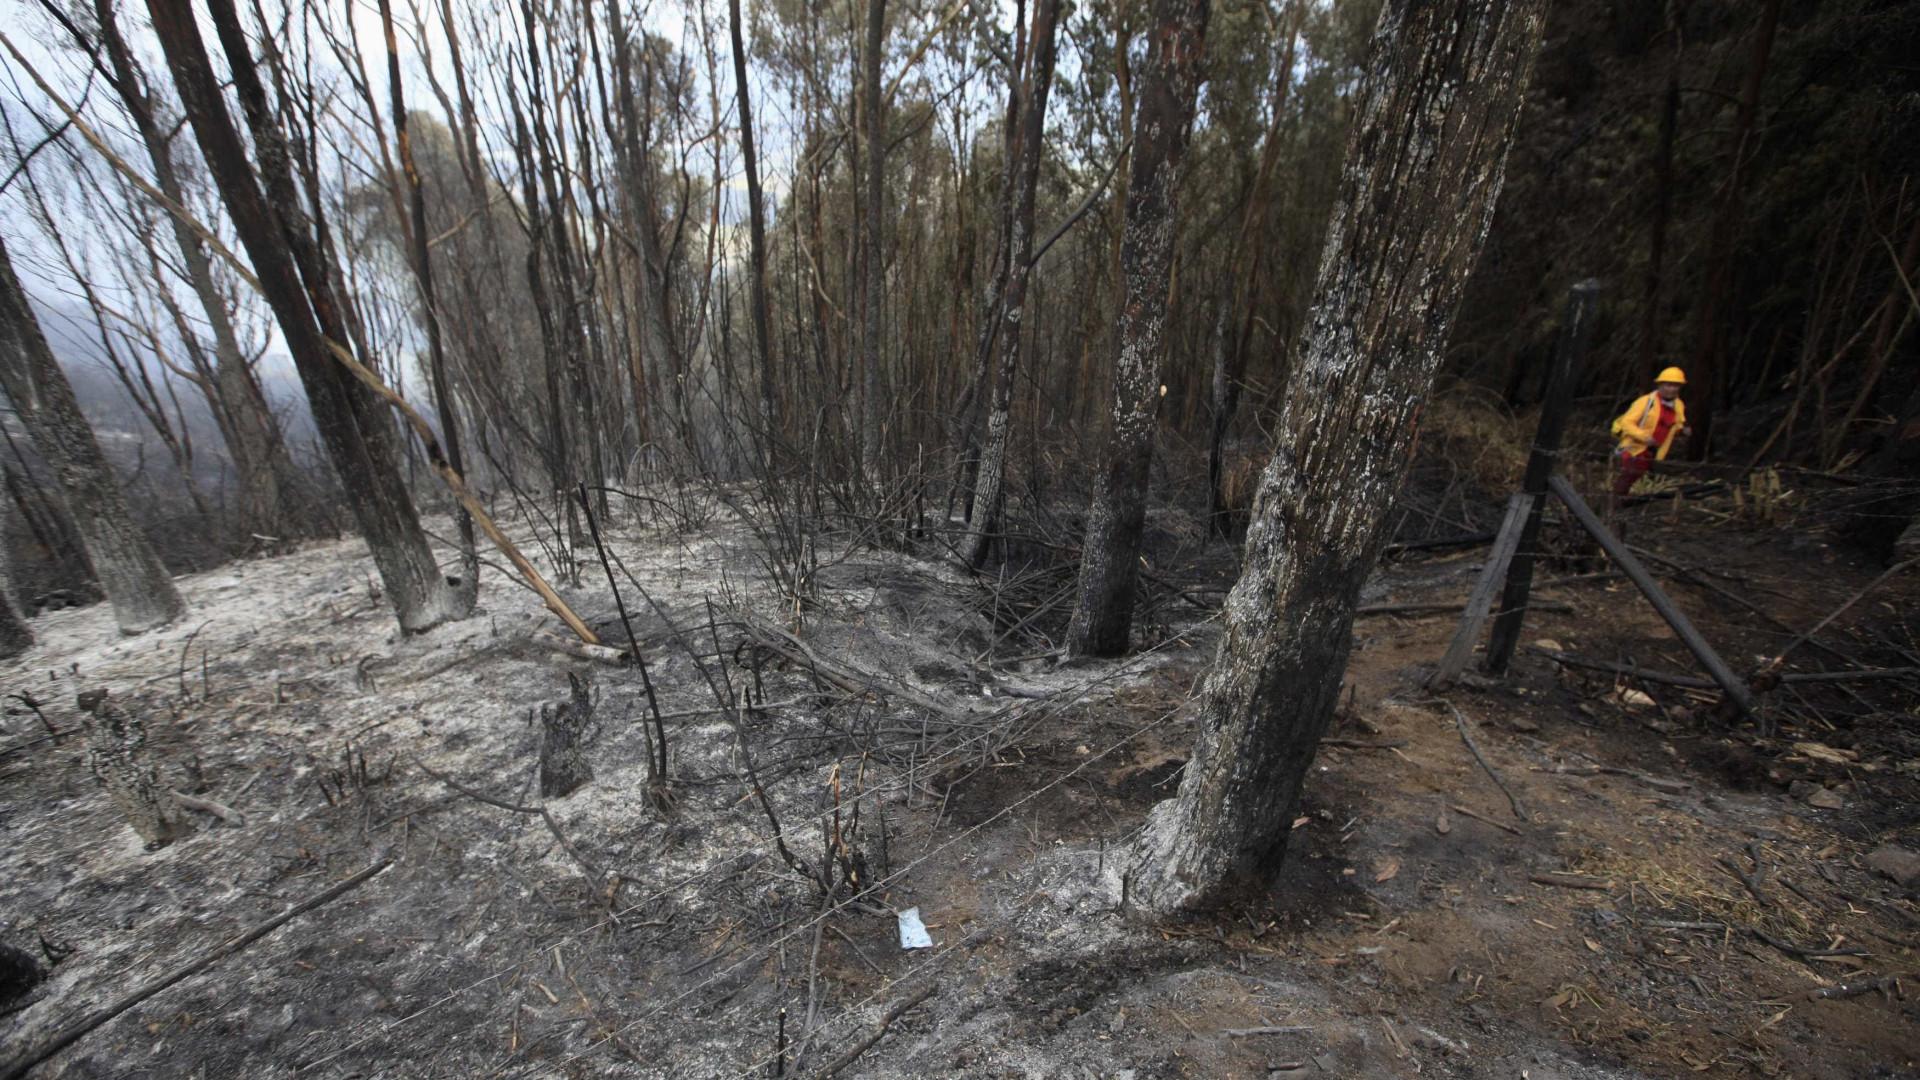 Quercus: Viveiros nacionais produzem eucaliptos para plantações ilegais